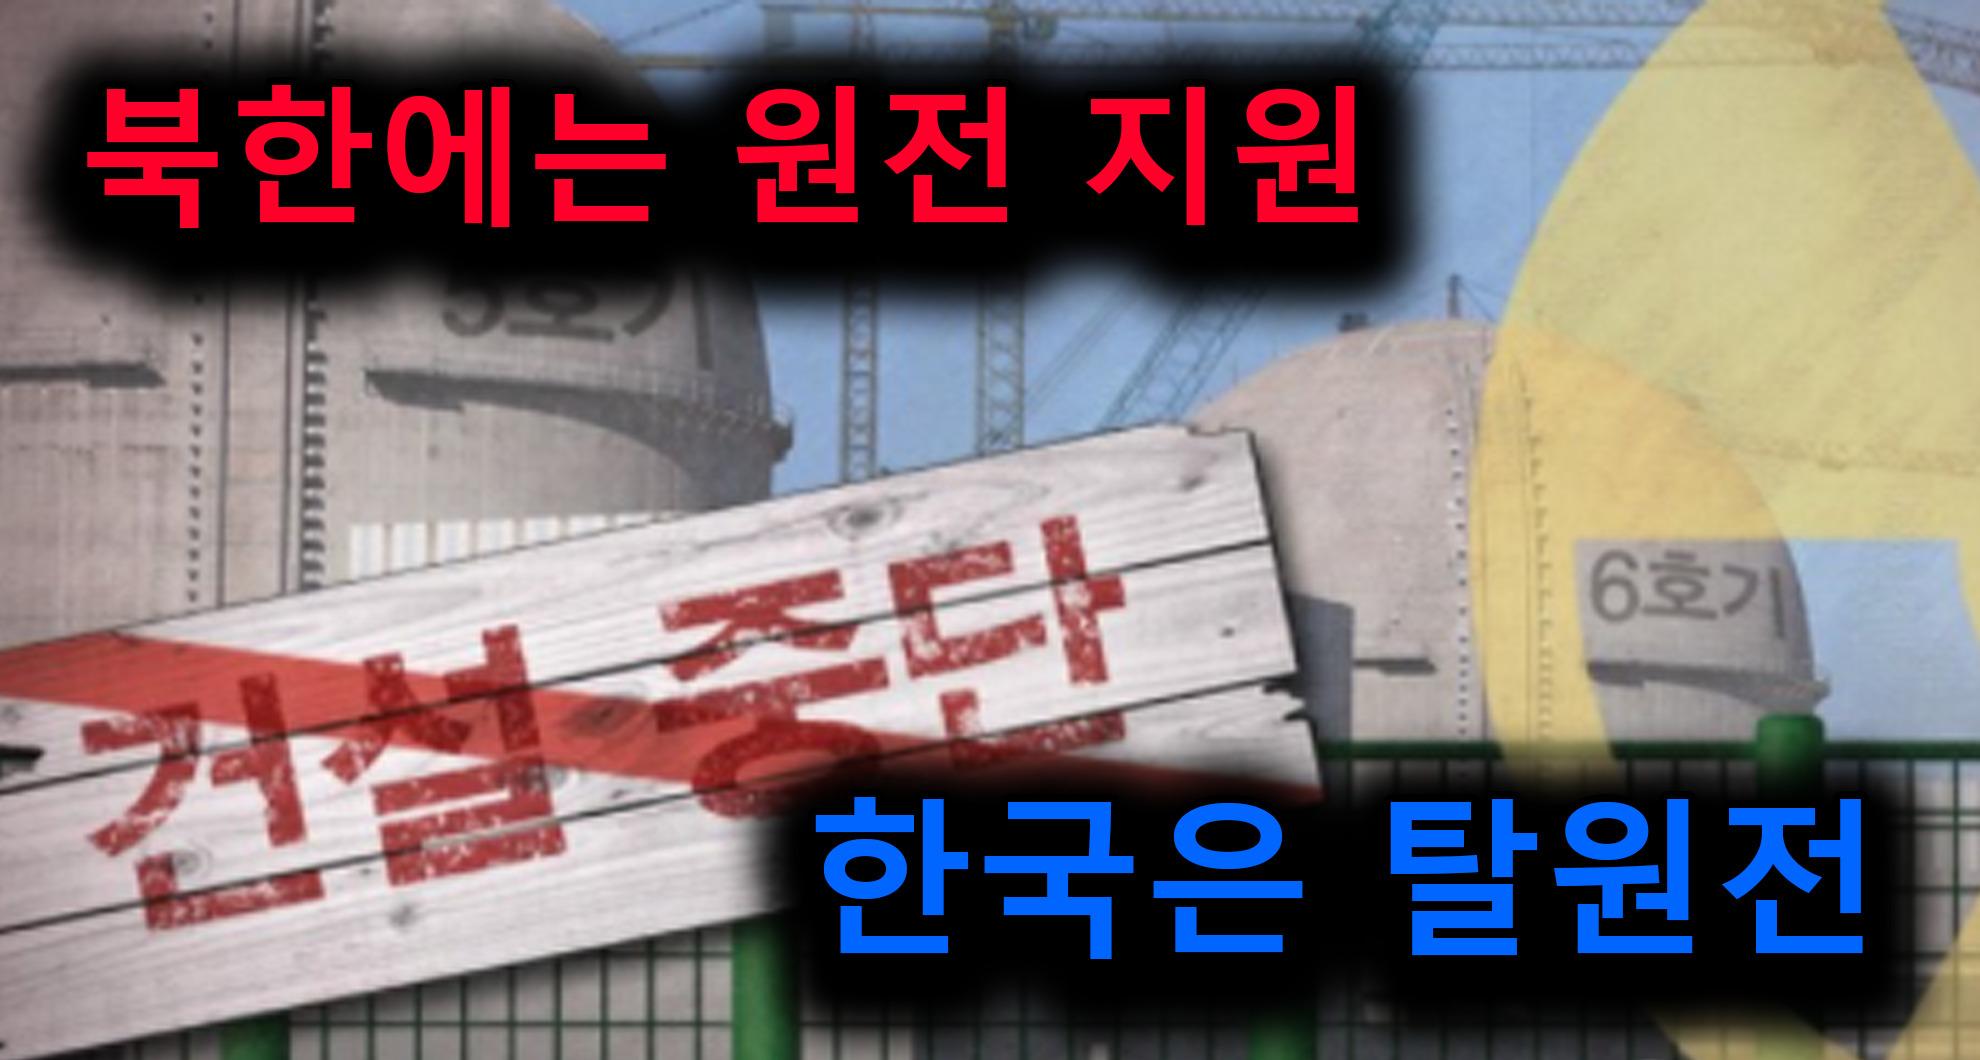 한국은 탈원전, 북한은 원전지원? 난리난 원전 게이트 총정리